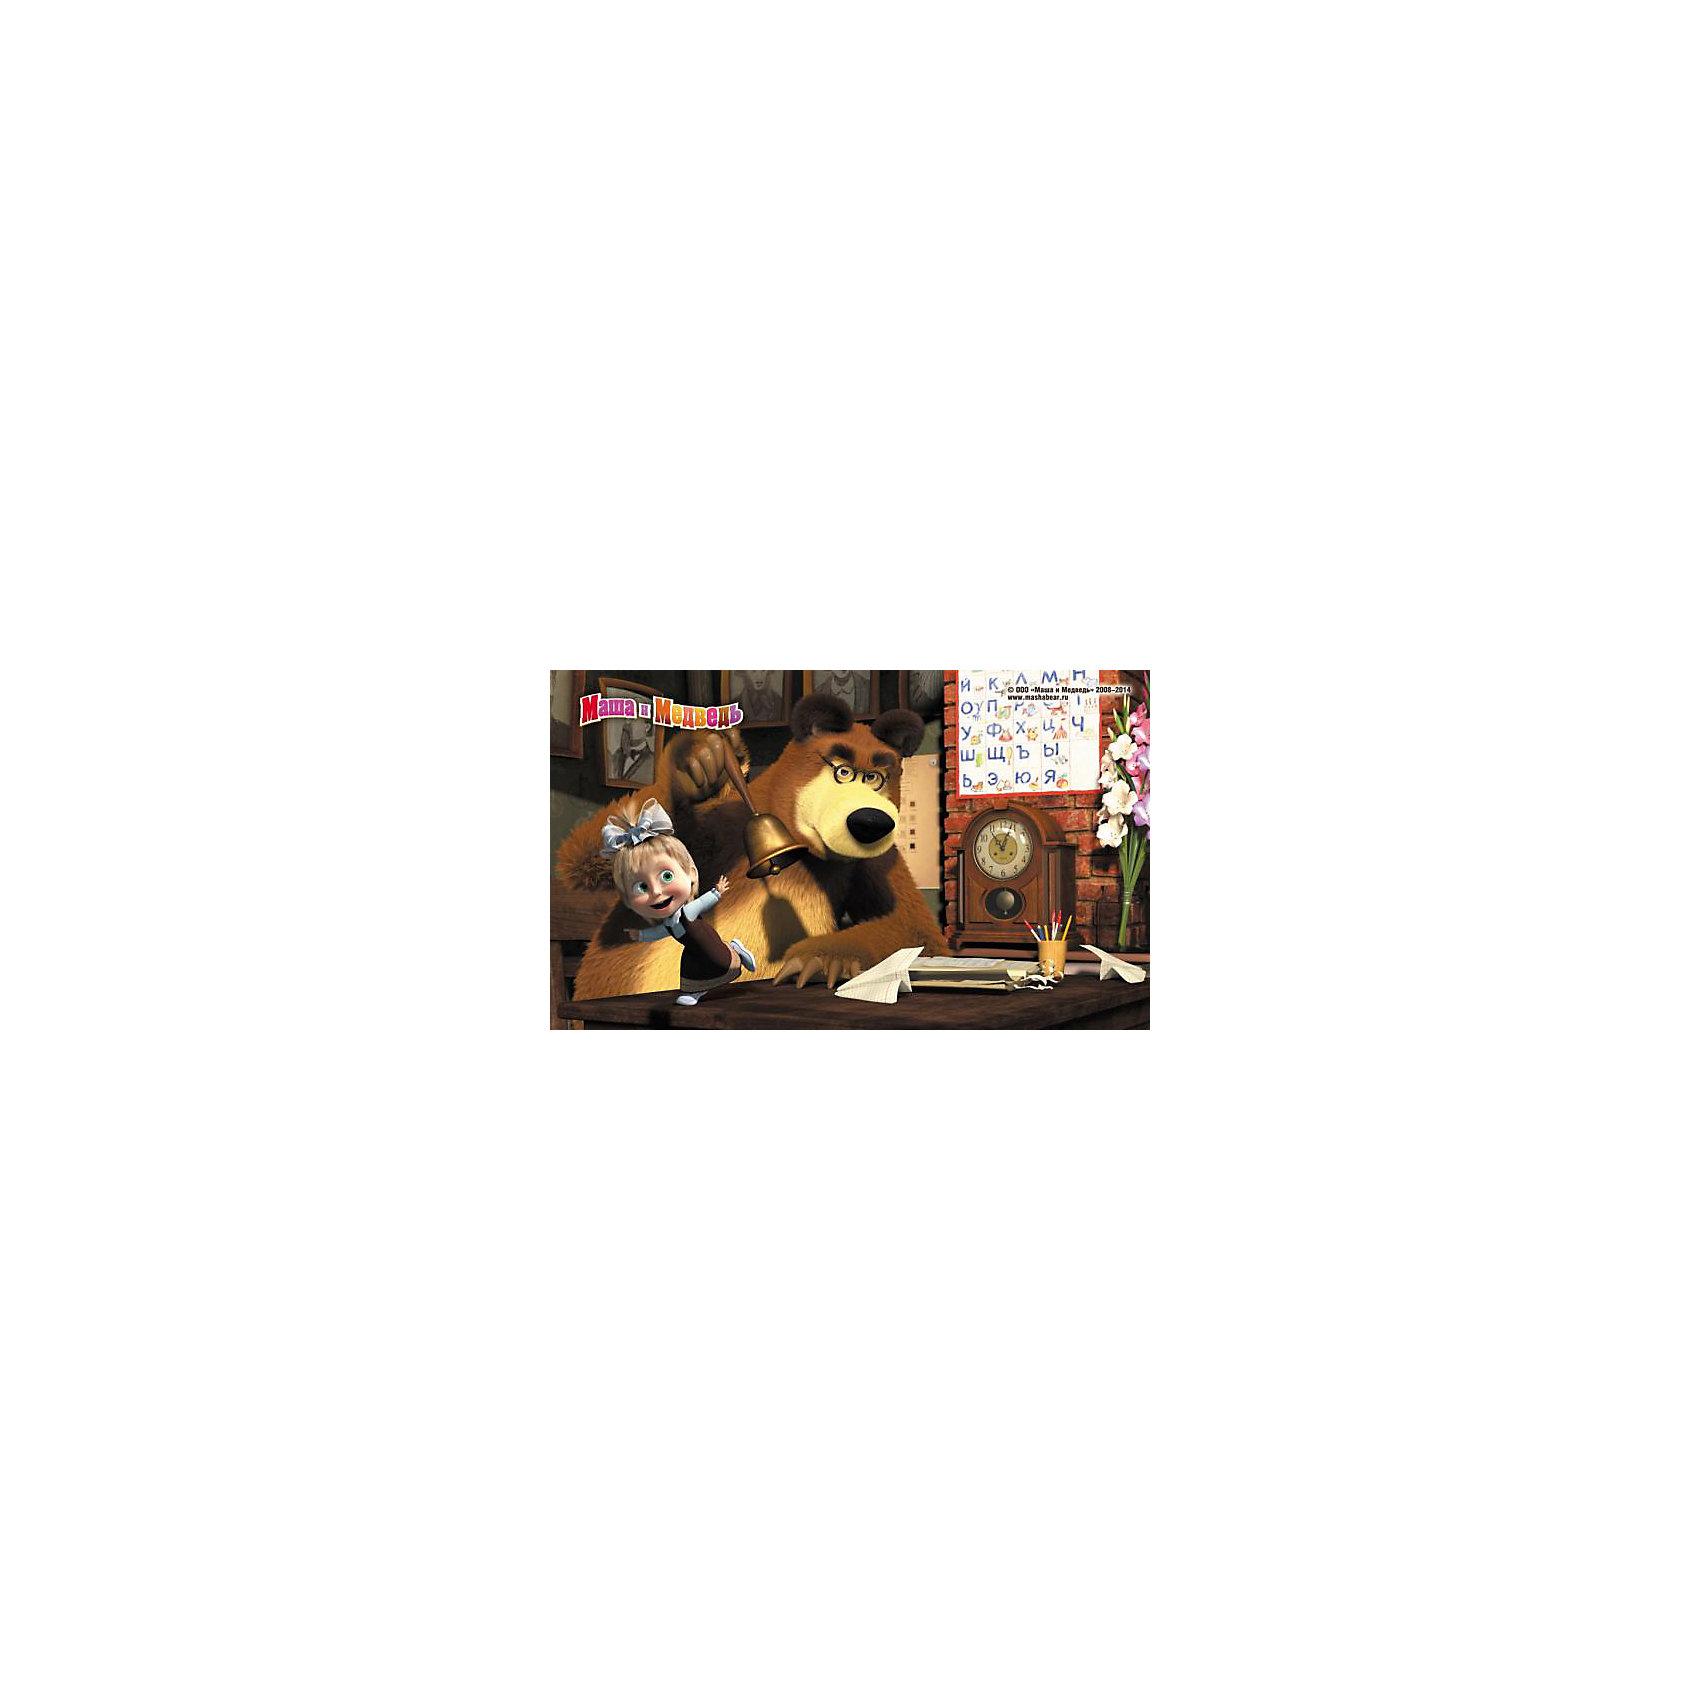 Ковер Маша и Медведь 80*133 смКовер Маша и Медведь 80*133 см – яркий красочный ковер, за которым легко ухаживать сделает уютной комнату вашего ребенка.<br>Позитивный качественный детский ковёр с изображением сюжета из мультсериала «Маша и Медведь» украсит интерьер детской комнаты и наполнит мир вашего ребенка яркими и живыми красками. Ковер очень практичный, изготовлен из безопасных и высококачественных синтетических материалов, стойкий к истиранию и не выгорает. Пыль и грязь не забивается глубоко внутрь ворса, что существенно облегчает уход за изделием, а латексная основа не скользит по полу. По краям ковер аккуратно обшит. Небольшой размер и вес позволит без труда перемещать ковер в разные места комнаты и легко производить уборку под ковром.<br><br>Дополнительная информация:<br><br>- Размер: 80х133 см.<br>- Высота ворса: 5 мм.<br>- Вес ковра: 1,3 кг/м2<br>- Плотность ворса: 290000 точек на м?<br>- Состав ворса: 100% полиамид<br>- Состав основы: гелиевая<br>- Цвет: разноцветный, коричневый<br>- Вид производства: машинное<br><br>Ковер Маша и Медведь 80*133 см можно купить в нашем интернет-магазине.<br><br>Ширина мм: 200<br>Глубина мм: 200<br>Высота мм: 800<br>Вес г: 1277<br>Возраст от месяцев: 36<br>Возраст до месяцев: 120<br>Пол: Унисекс<br>Возраст: Детский<br>SKU: 4466035